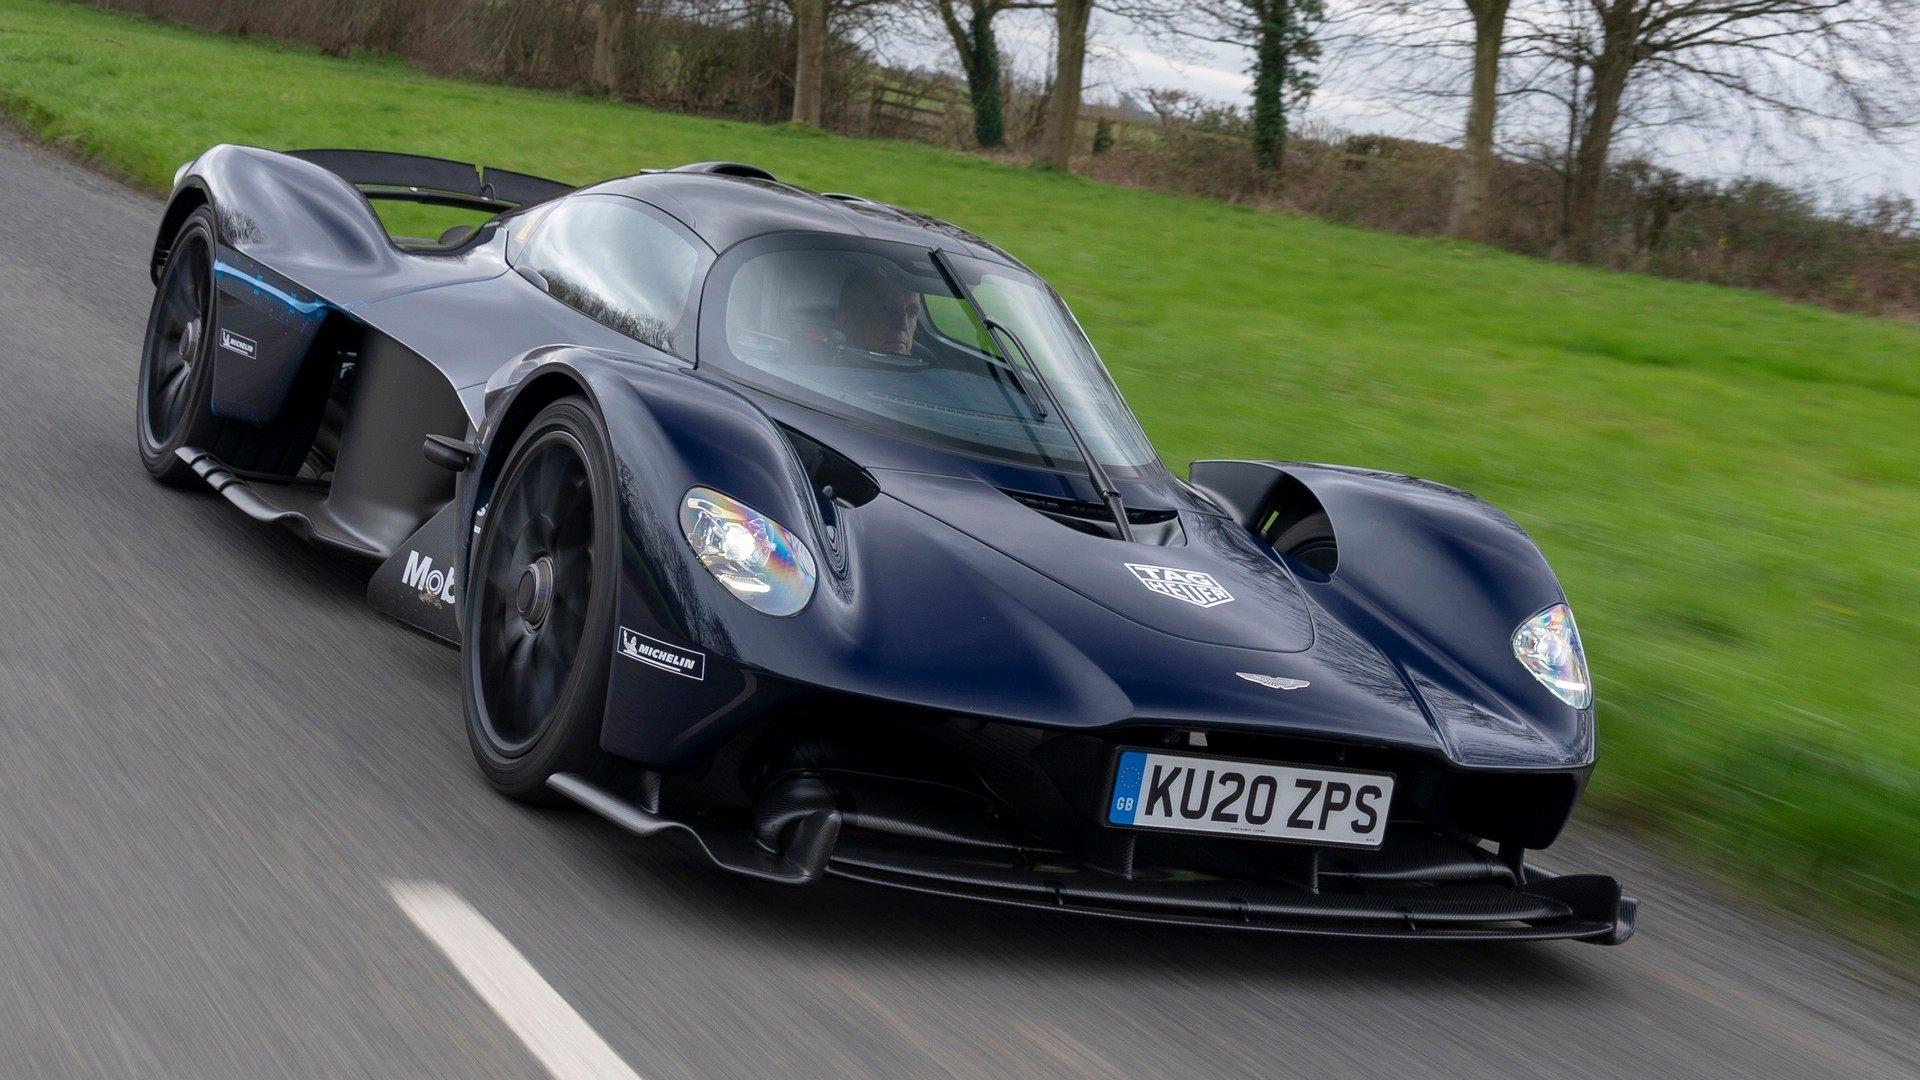 La sombra de la duda planea sobre el desarrollo del Aston Martin Valkyrie